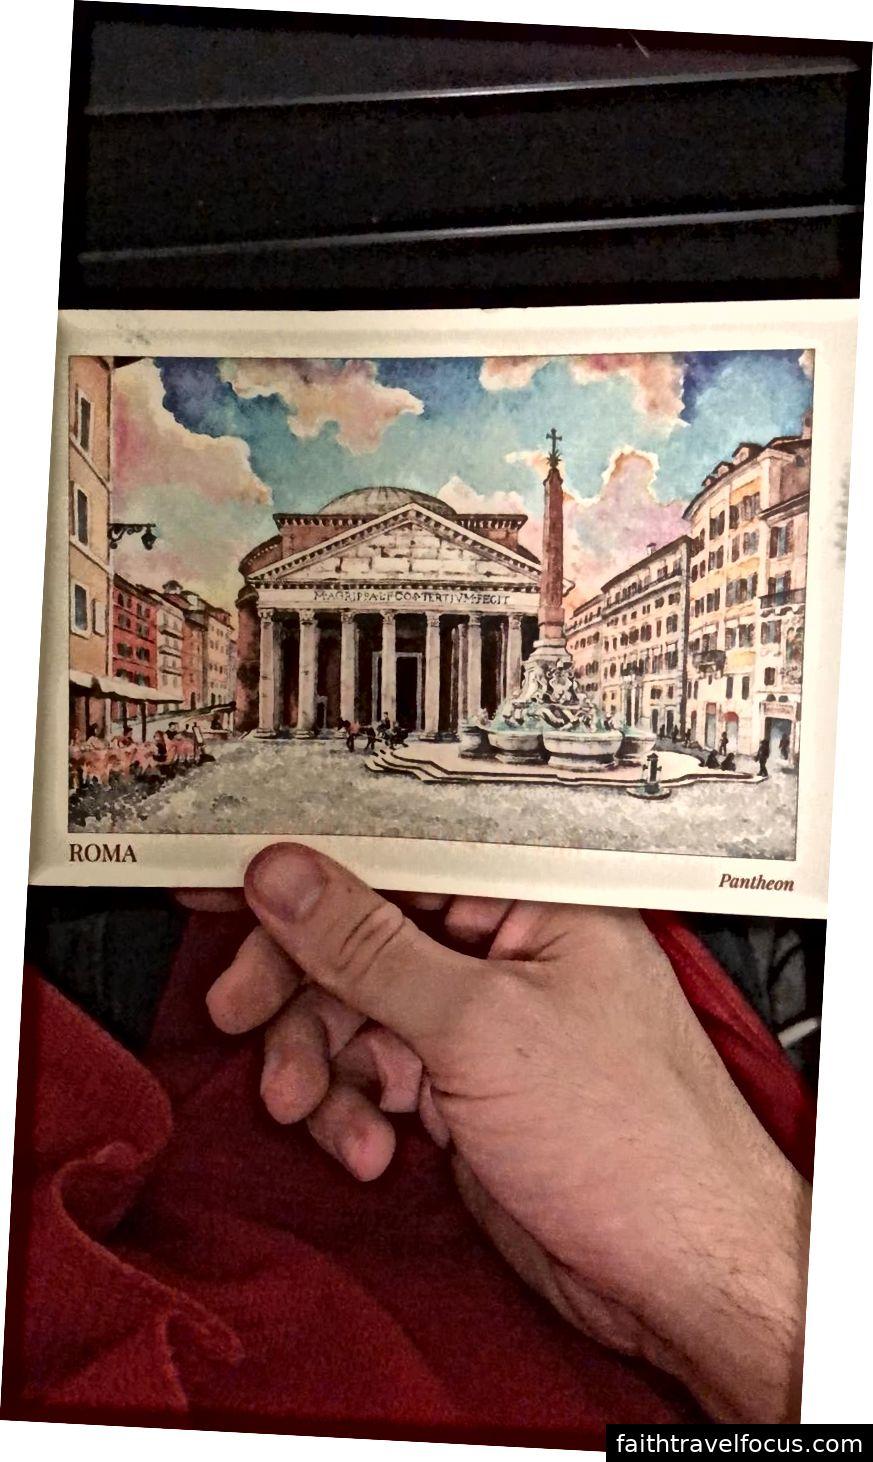 Một tấm bưu thiếp của một tác phẩm điêu khắc mà tôi thực sự thích. Một trong những tấm bưu thiếp của tôi đến mà tôi đã gửi từ Rome.